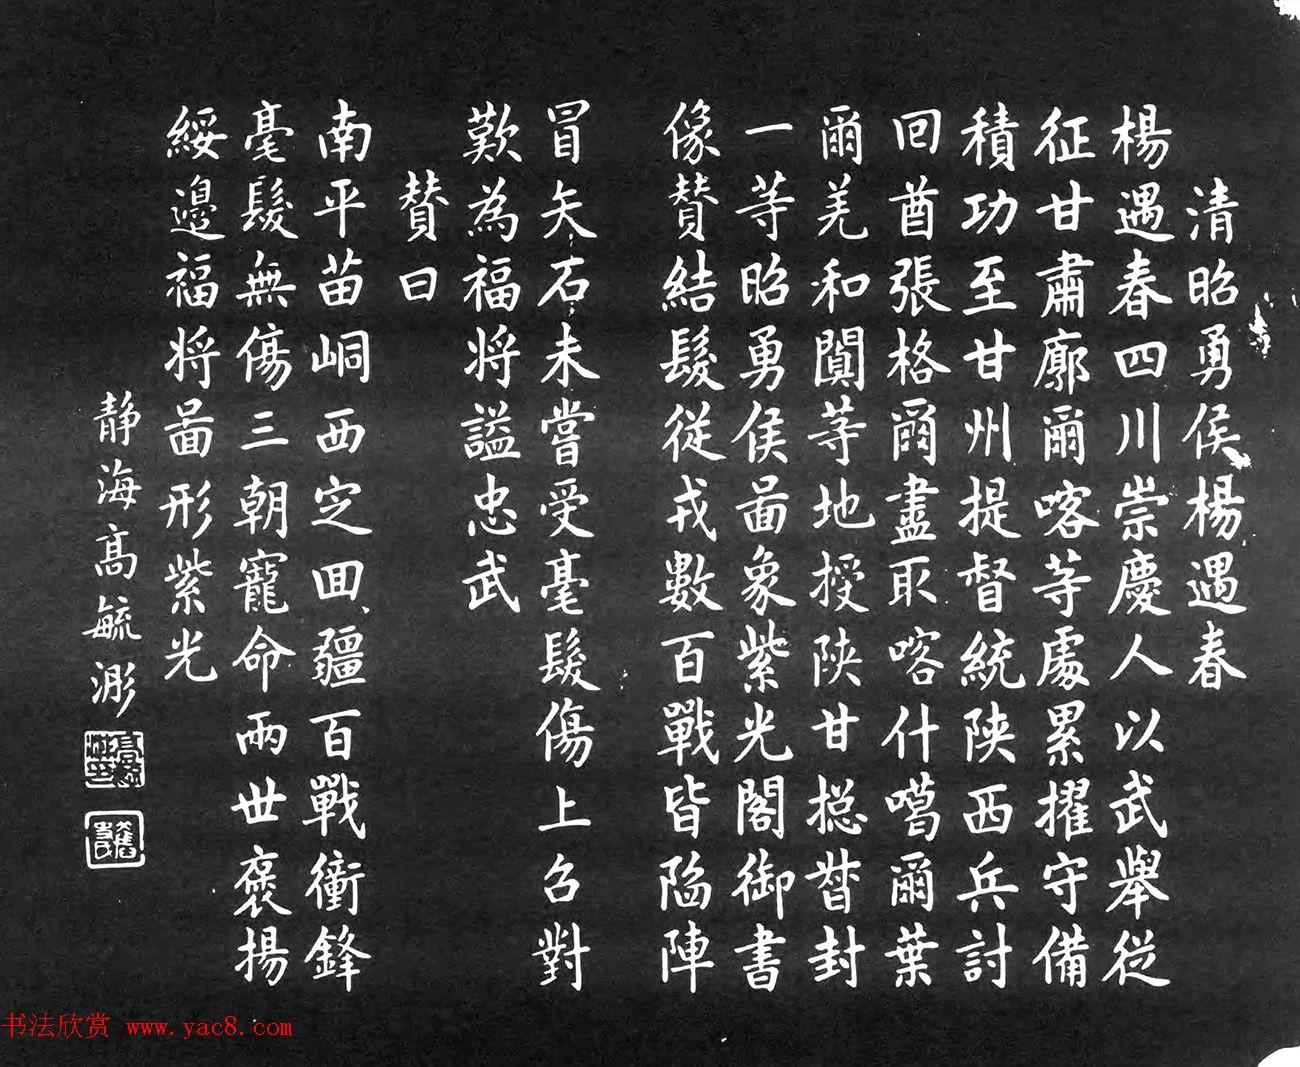 近代高毓浵楷书杨遇春传赞